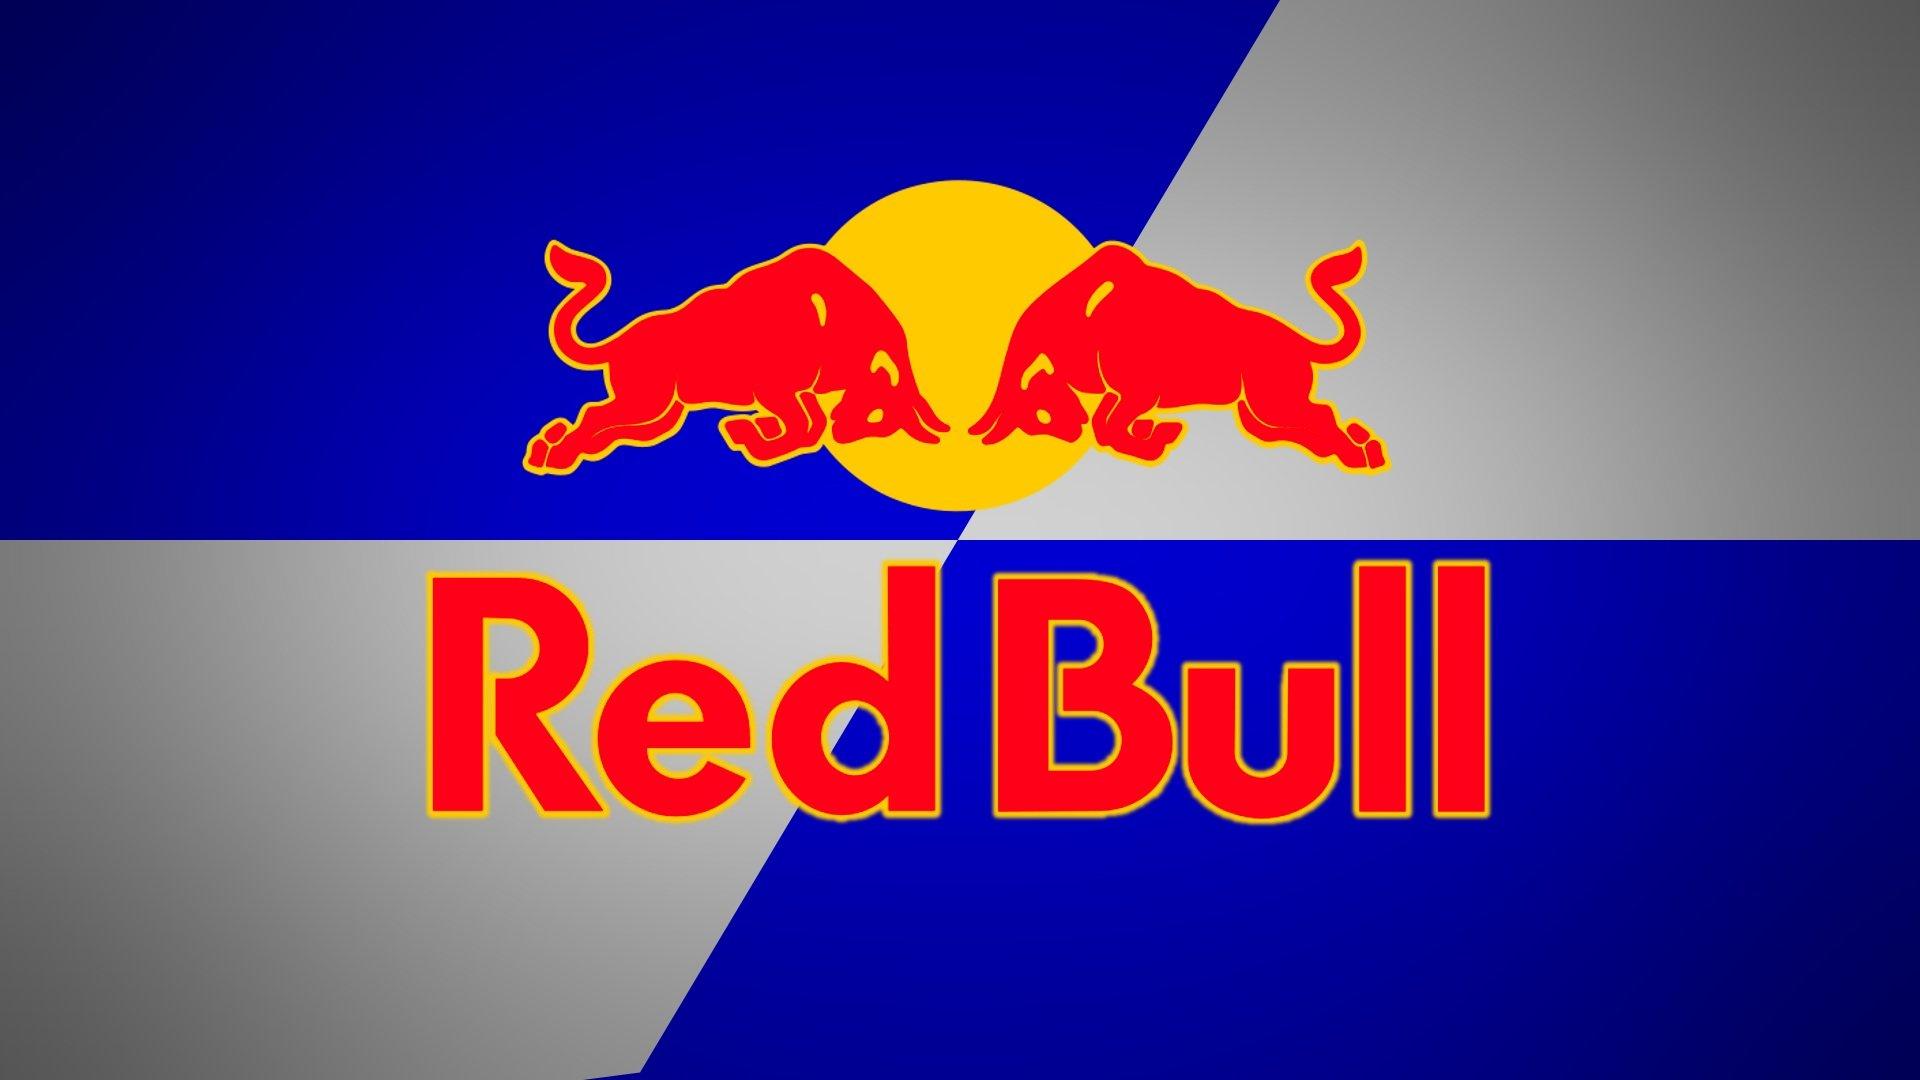 Red Bull в 2019 году остался самым ценным брендом Австрии